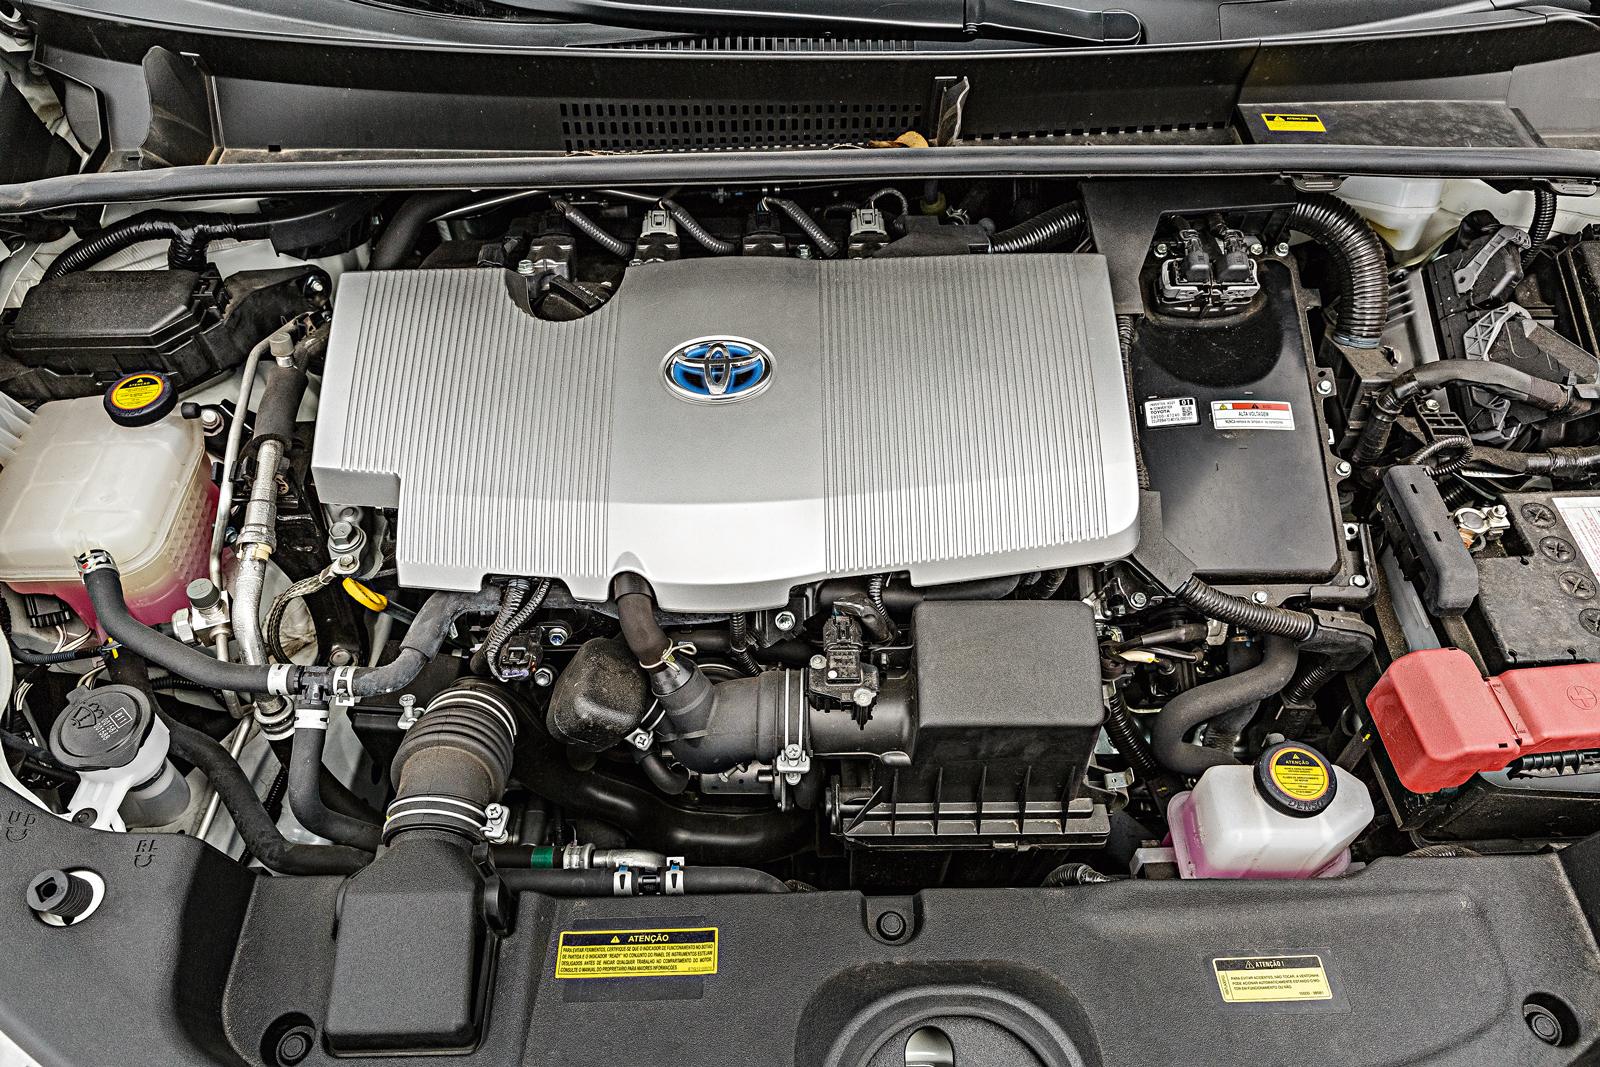 Motor 1.8 do Prius tem 98 cavalos